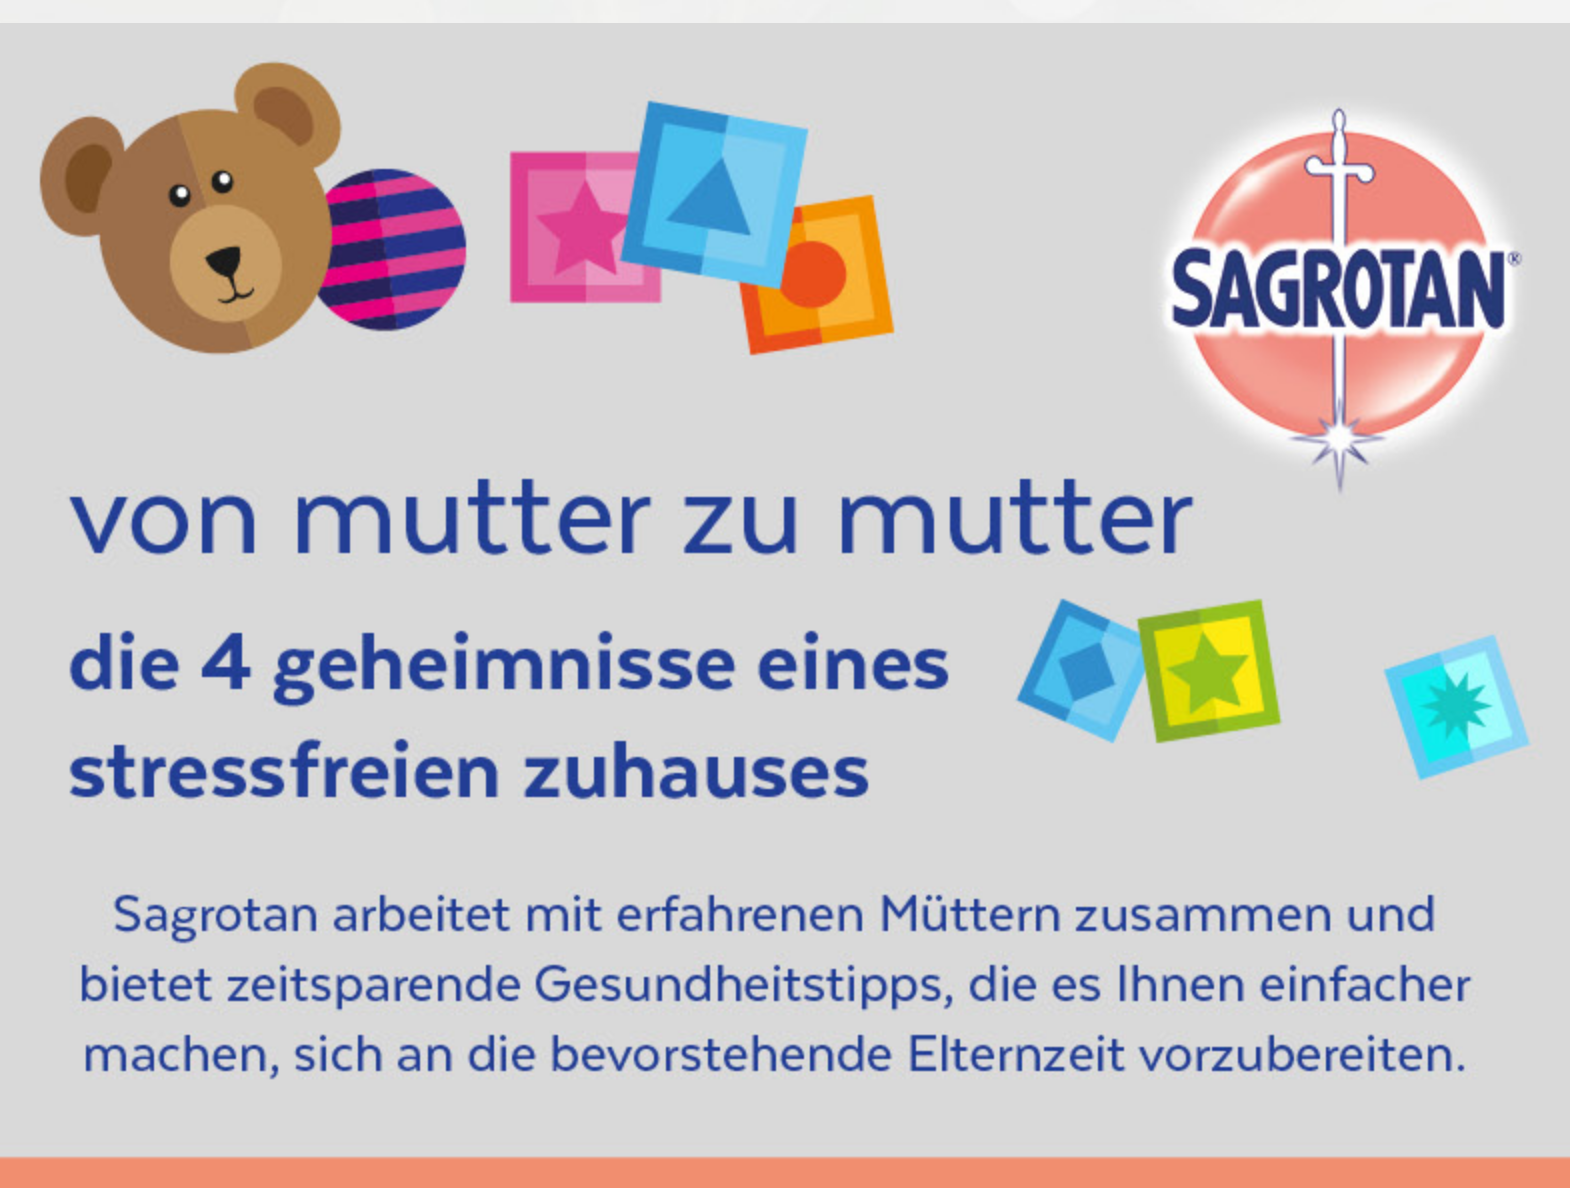 """Sagrotanwerbung """"geheimnisse von mutter zu mutter"""""""